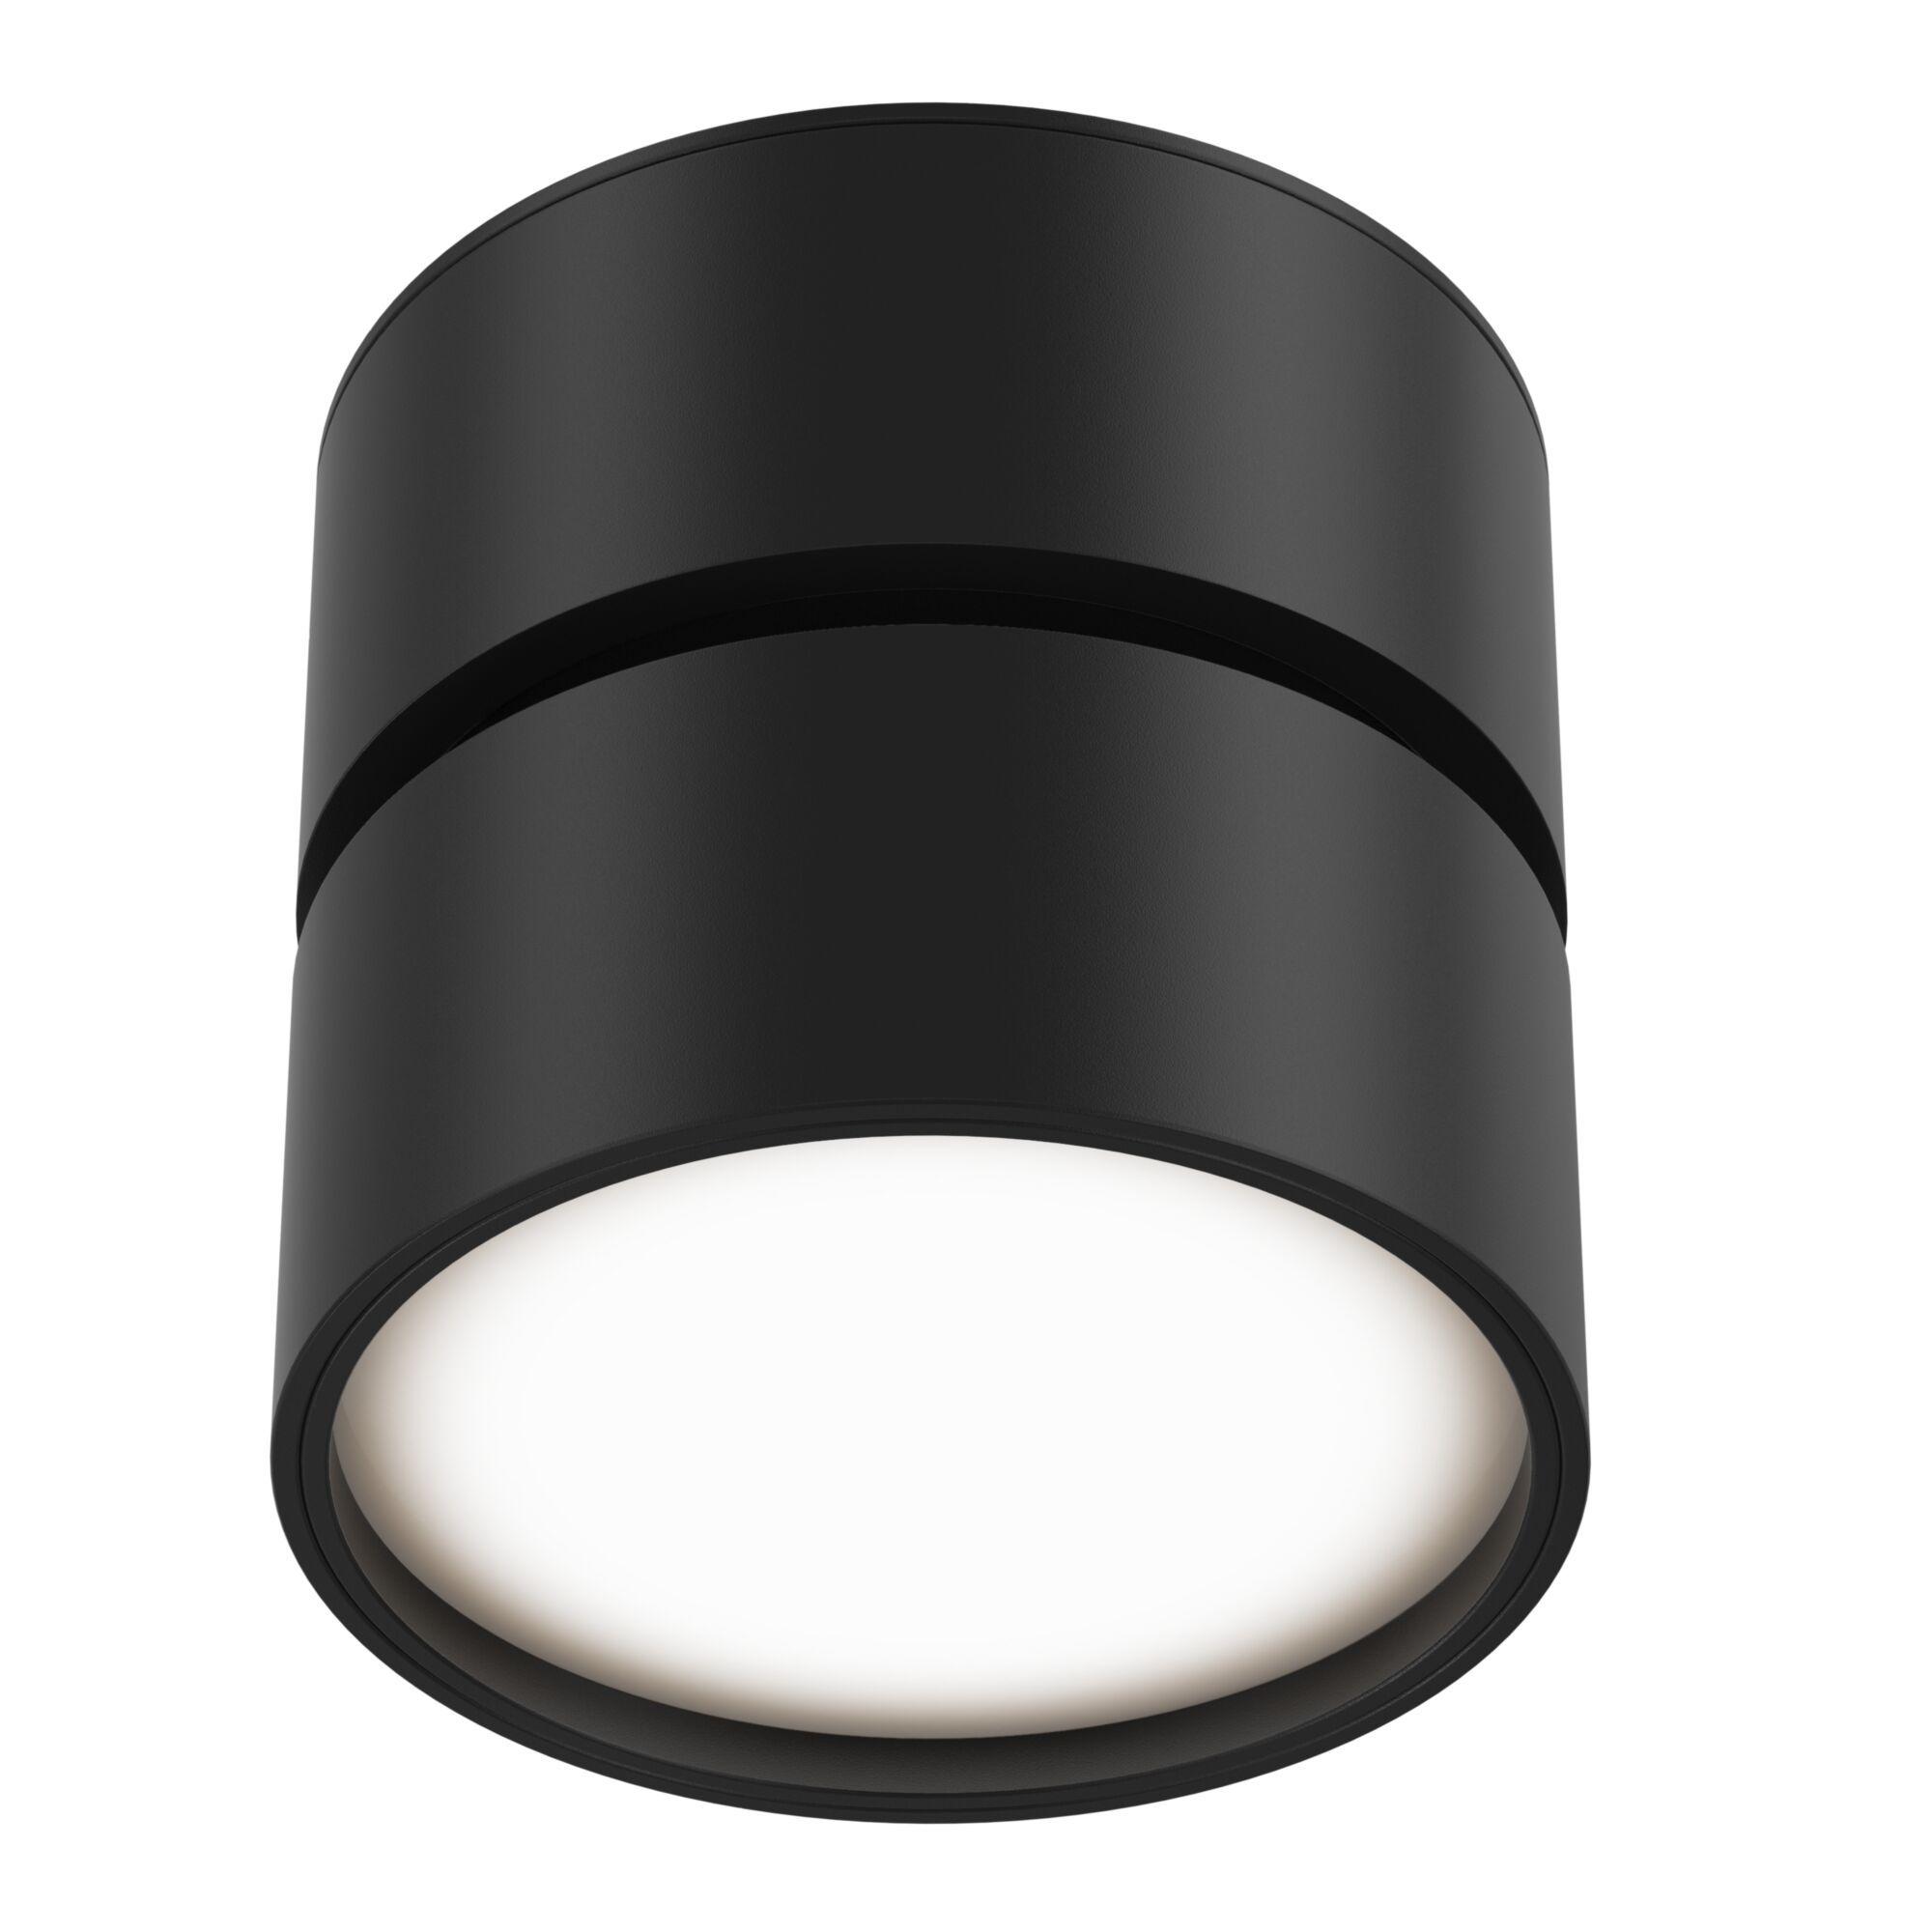 Светодиодный светильник Maytoni Onda C024CL-L12B3K, LED 12W 3000K 700lm CRI80, черный, металл, металл с пластиком - фото 2